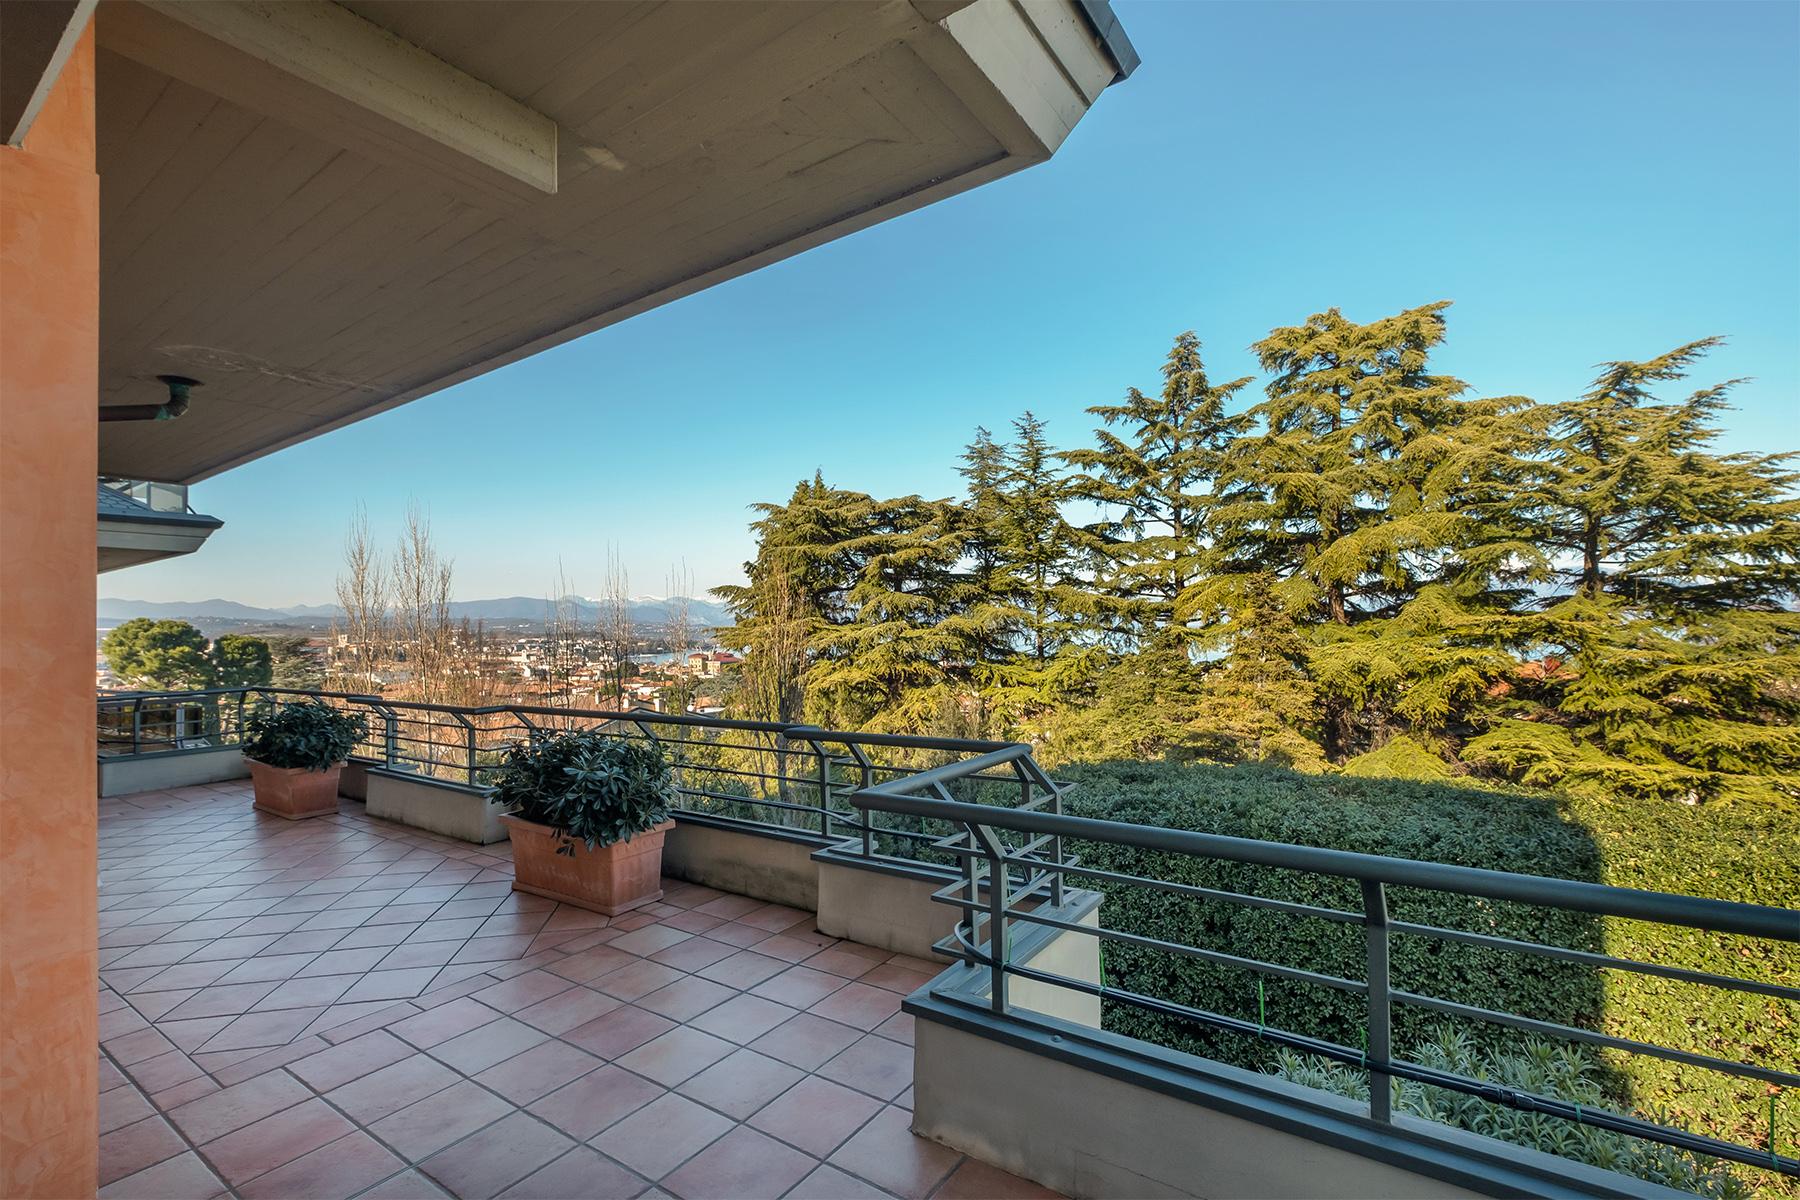 Appartamento in Vendita a Desenzano Del Garda: 5 locali, 170 mq - Foto 10